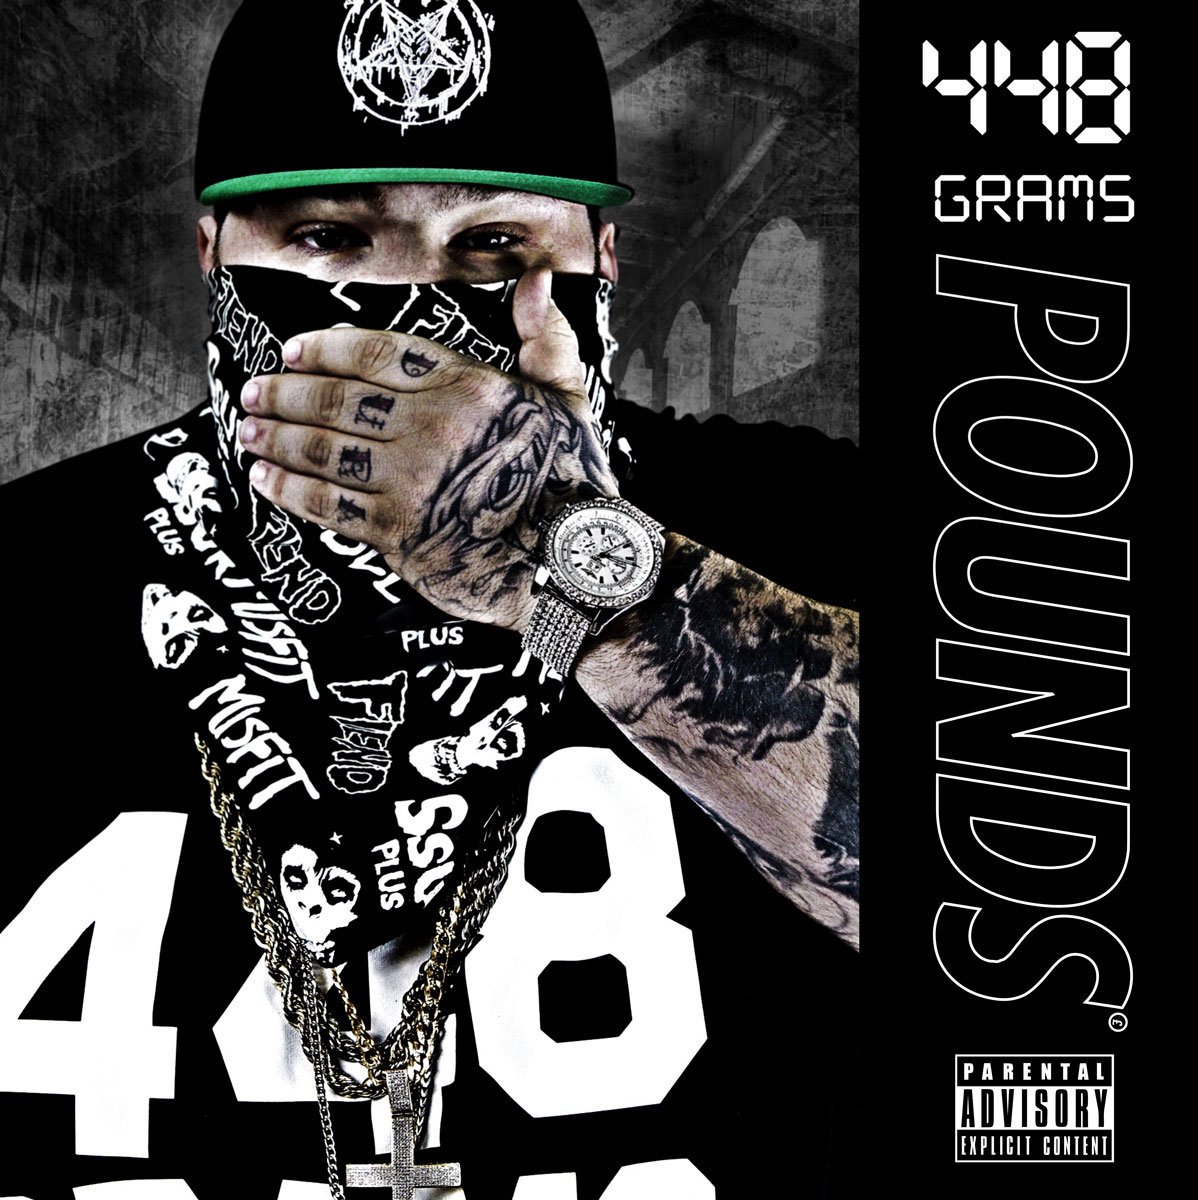 448 Grams